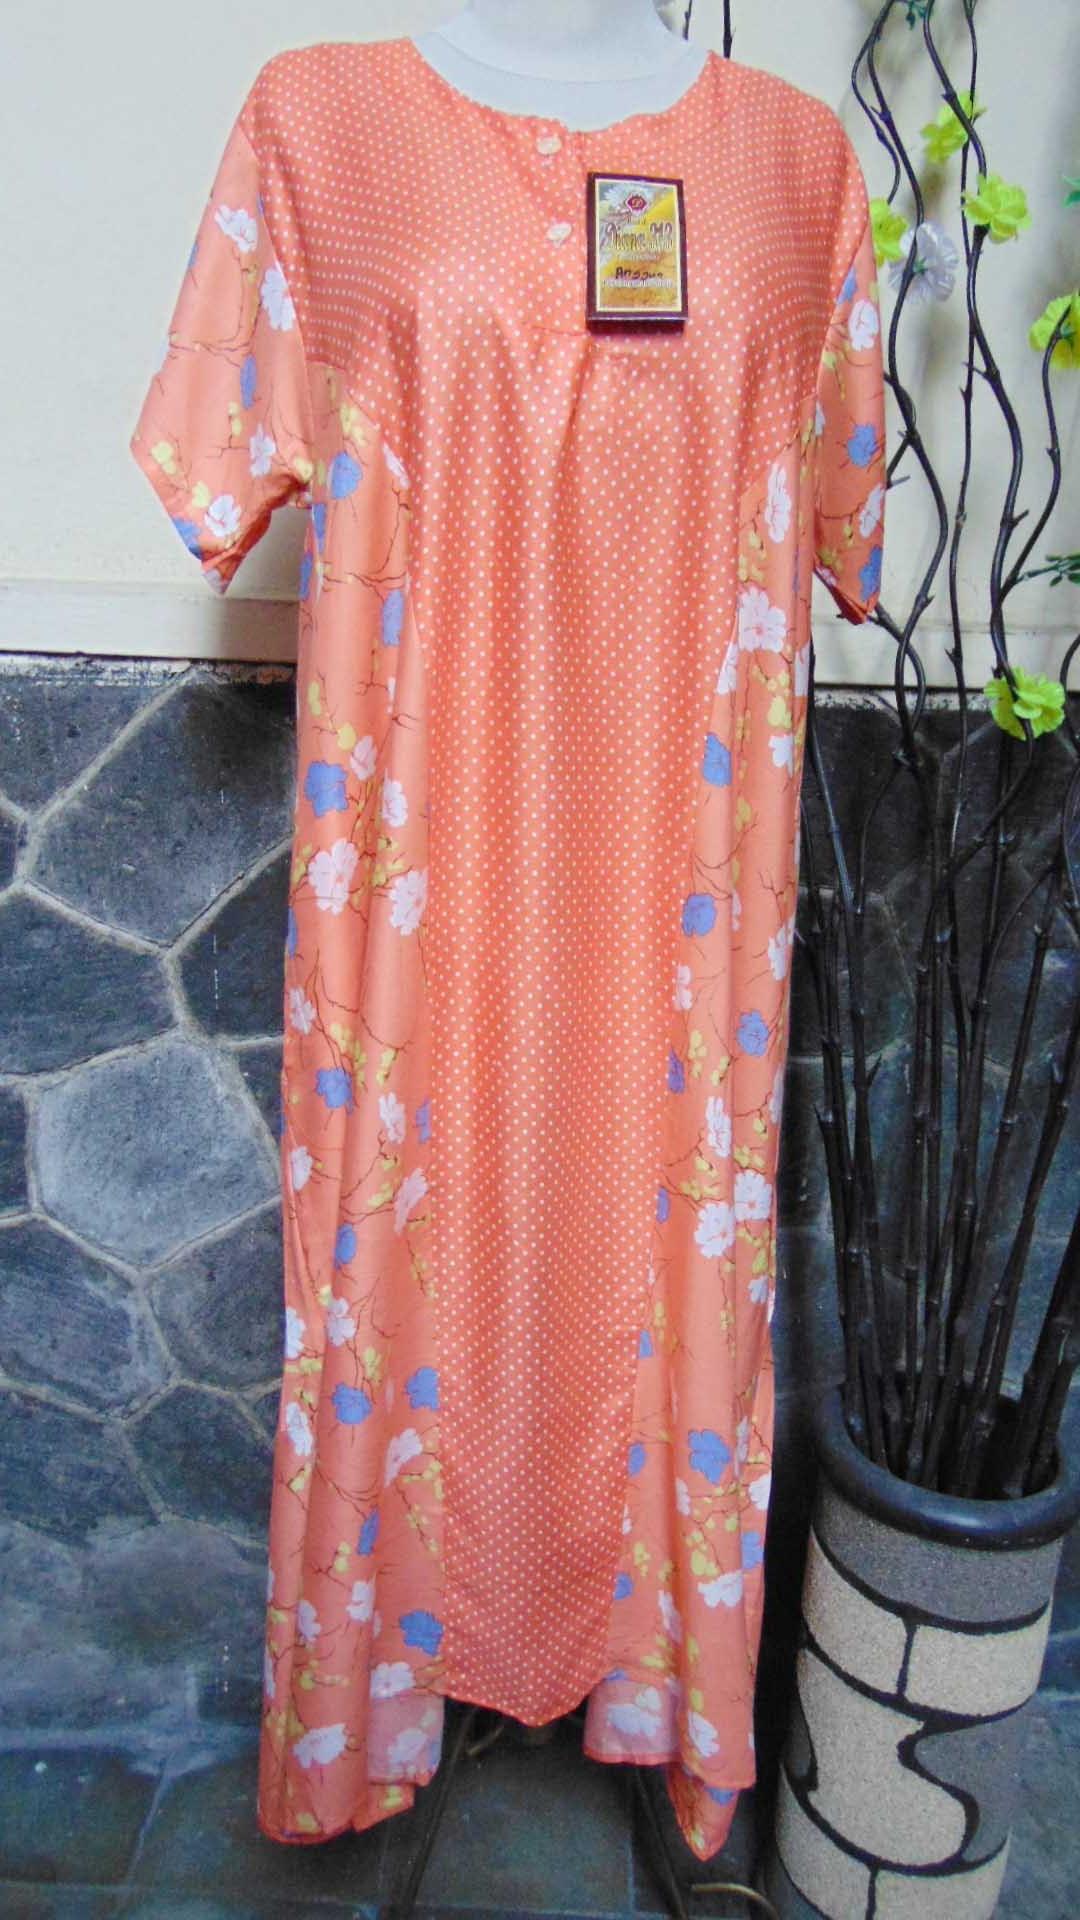 baju tidur santai batik daster wanita lengan pendek pias cantik daster diana motif polka bunga ANEKA WARNA (5)